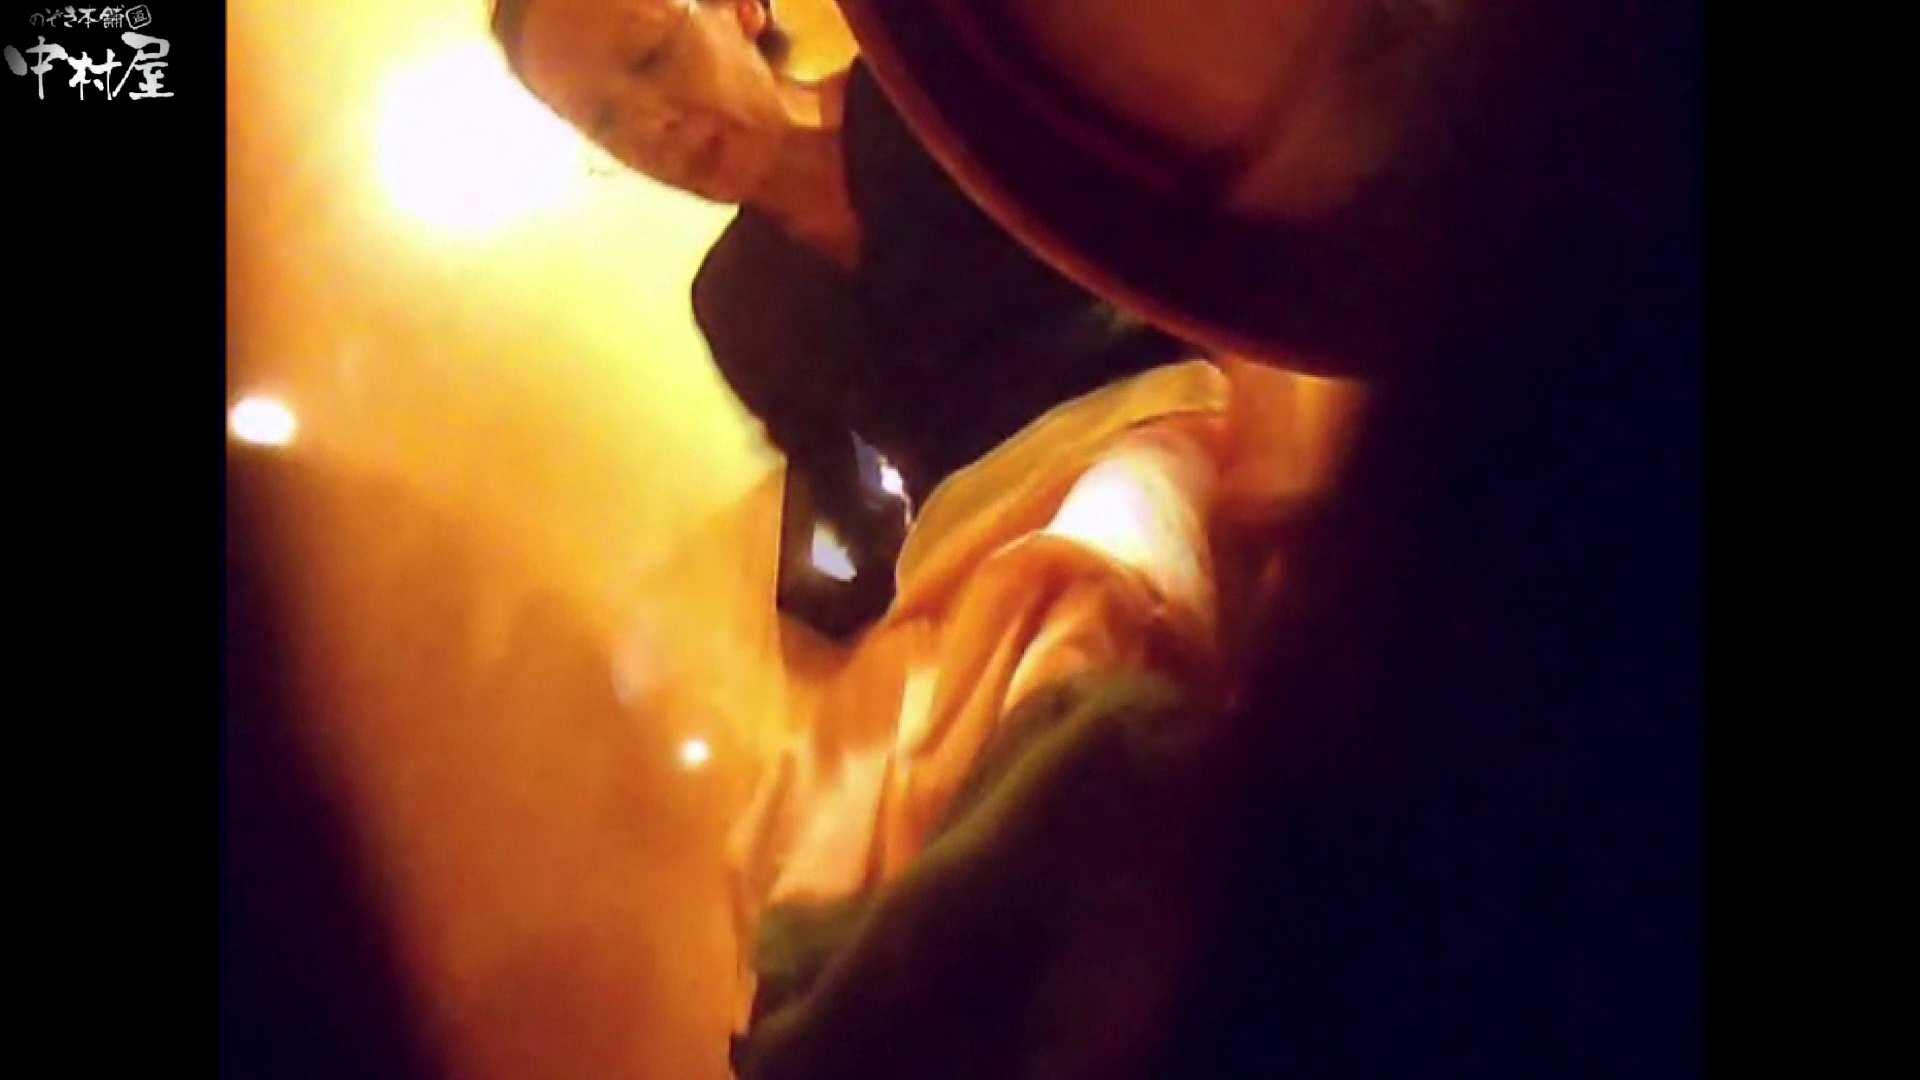 突撃!女子化粧室の真実vol.44前編 熟女のエロ動画   盗撮シリーズ  111PIX 103